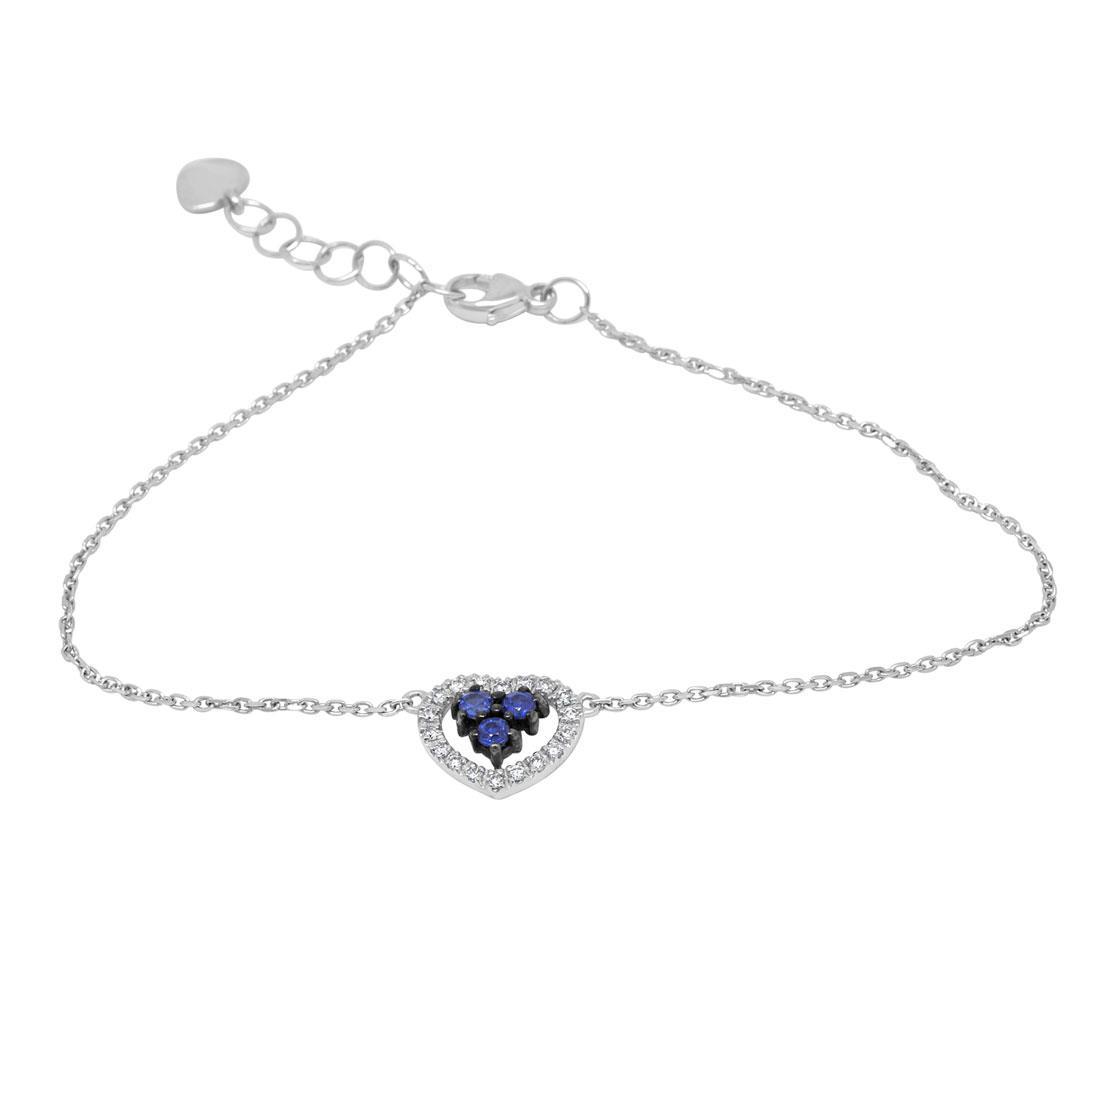 Bracciale con diamanti e zaffiri - BLISS